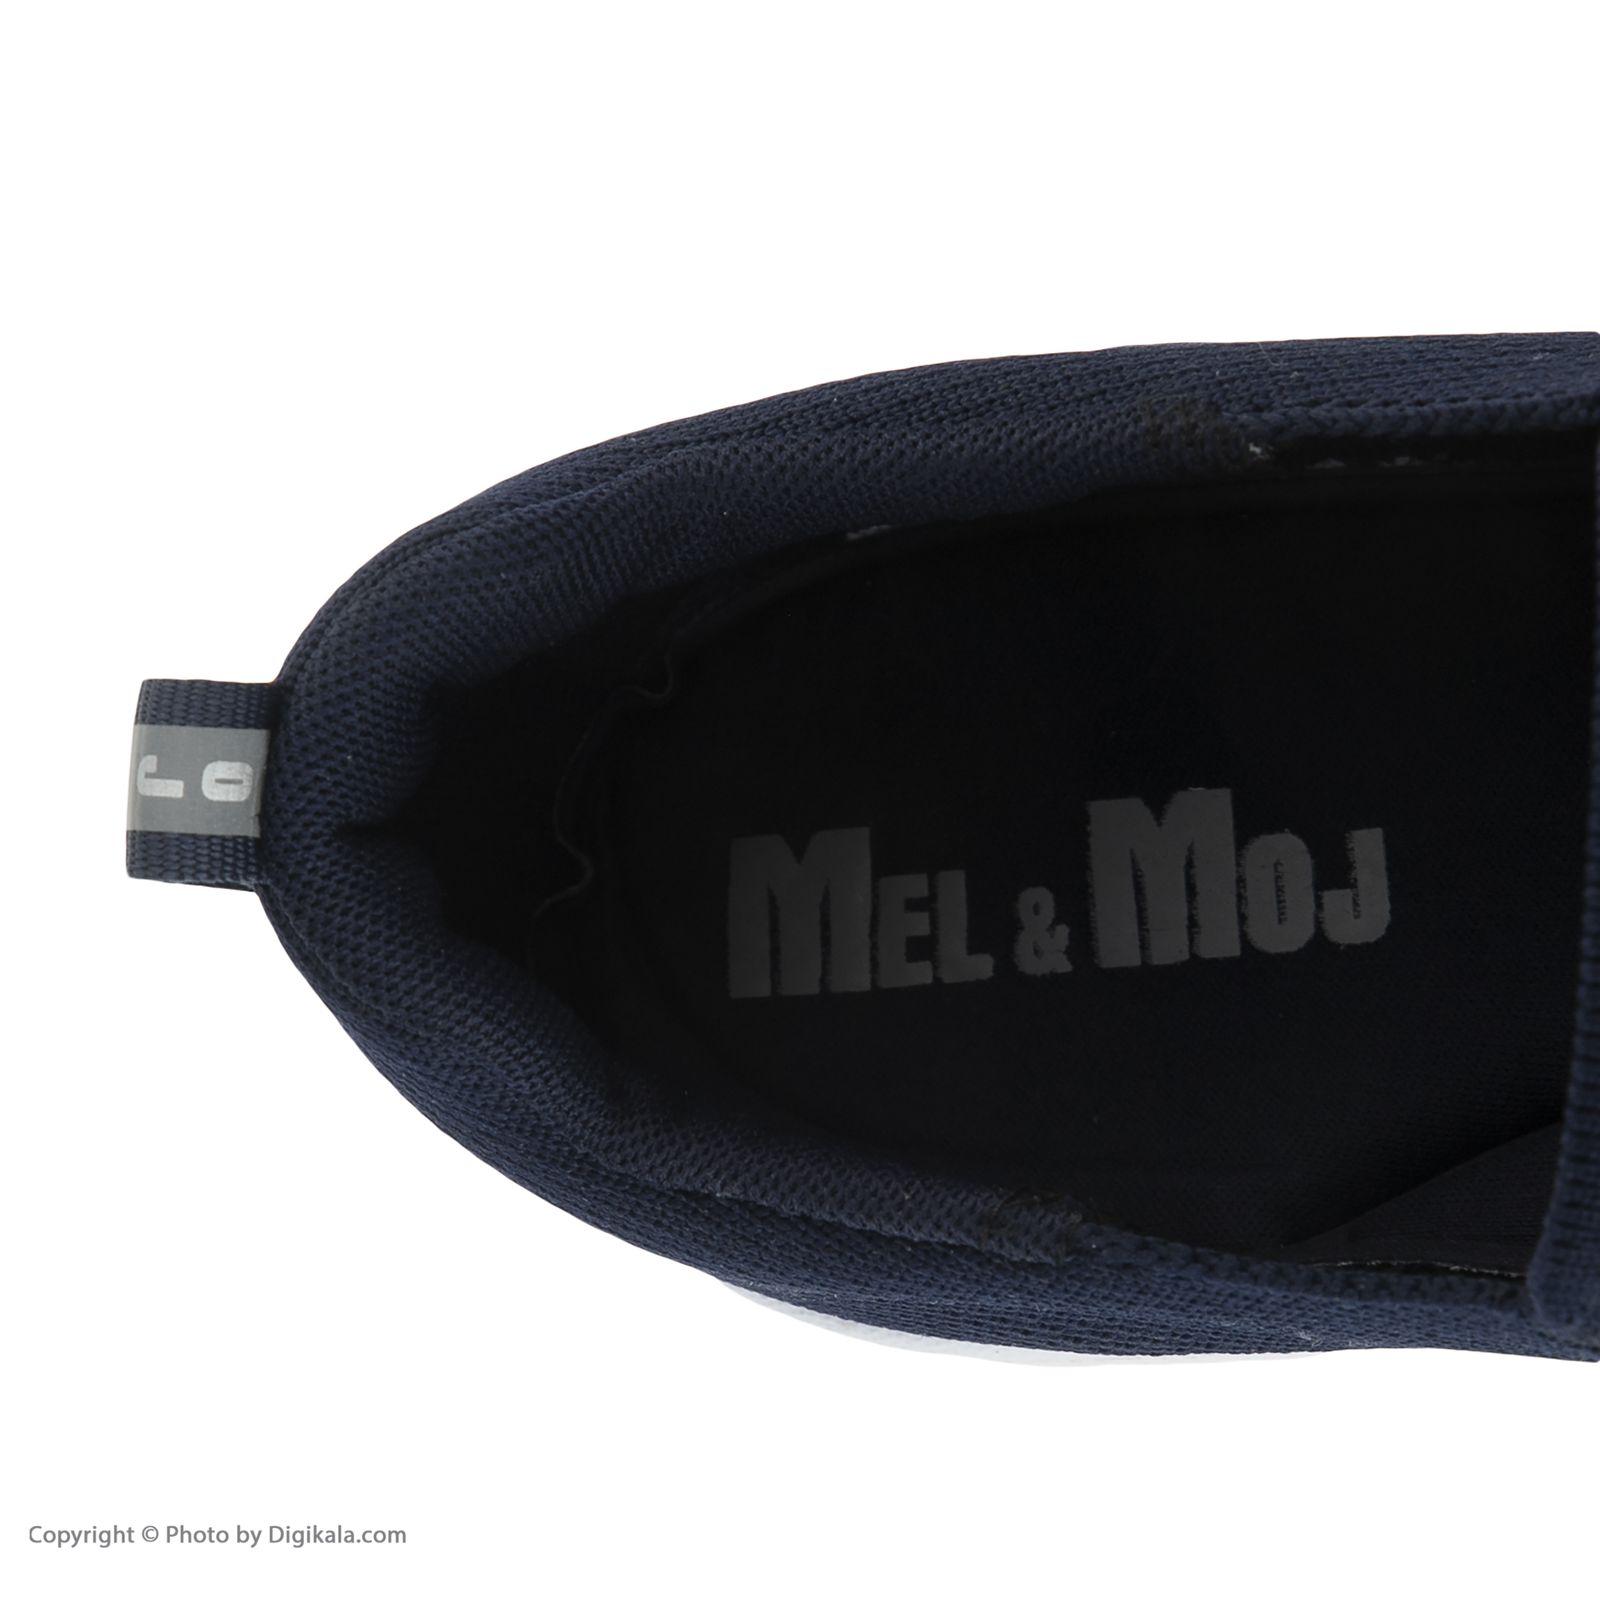 کفش راحتی مردانه مل اند موژ مدل 1020-20-400 main 1 5